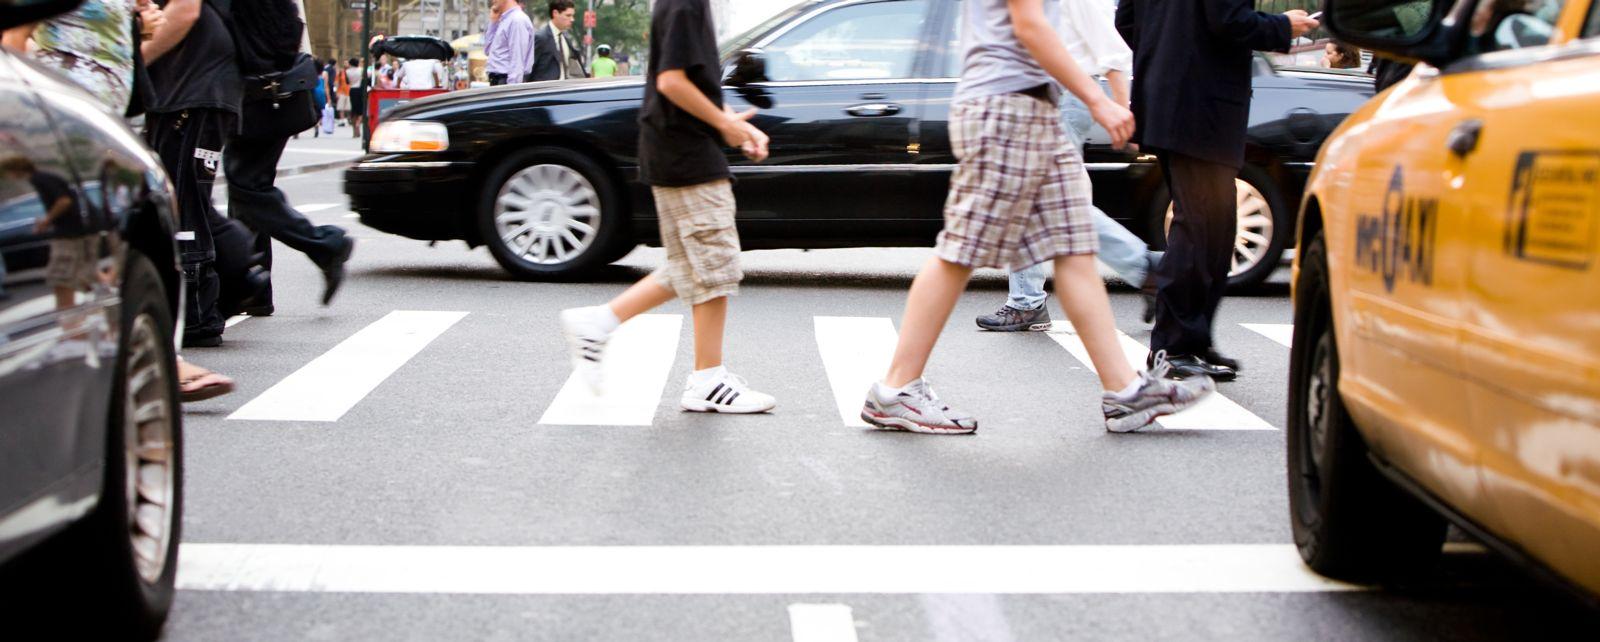 Pedestrians walking in crosswalk